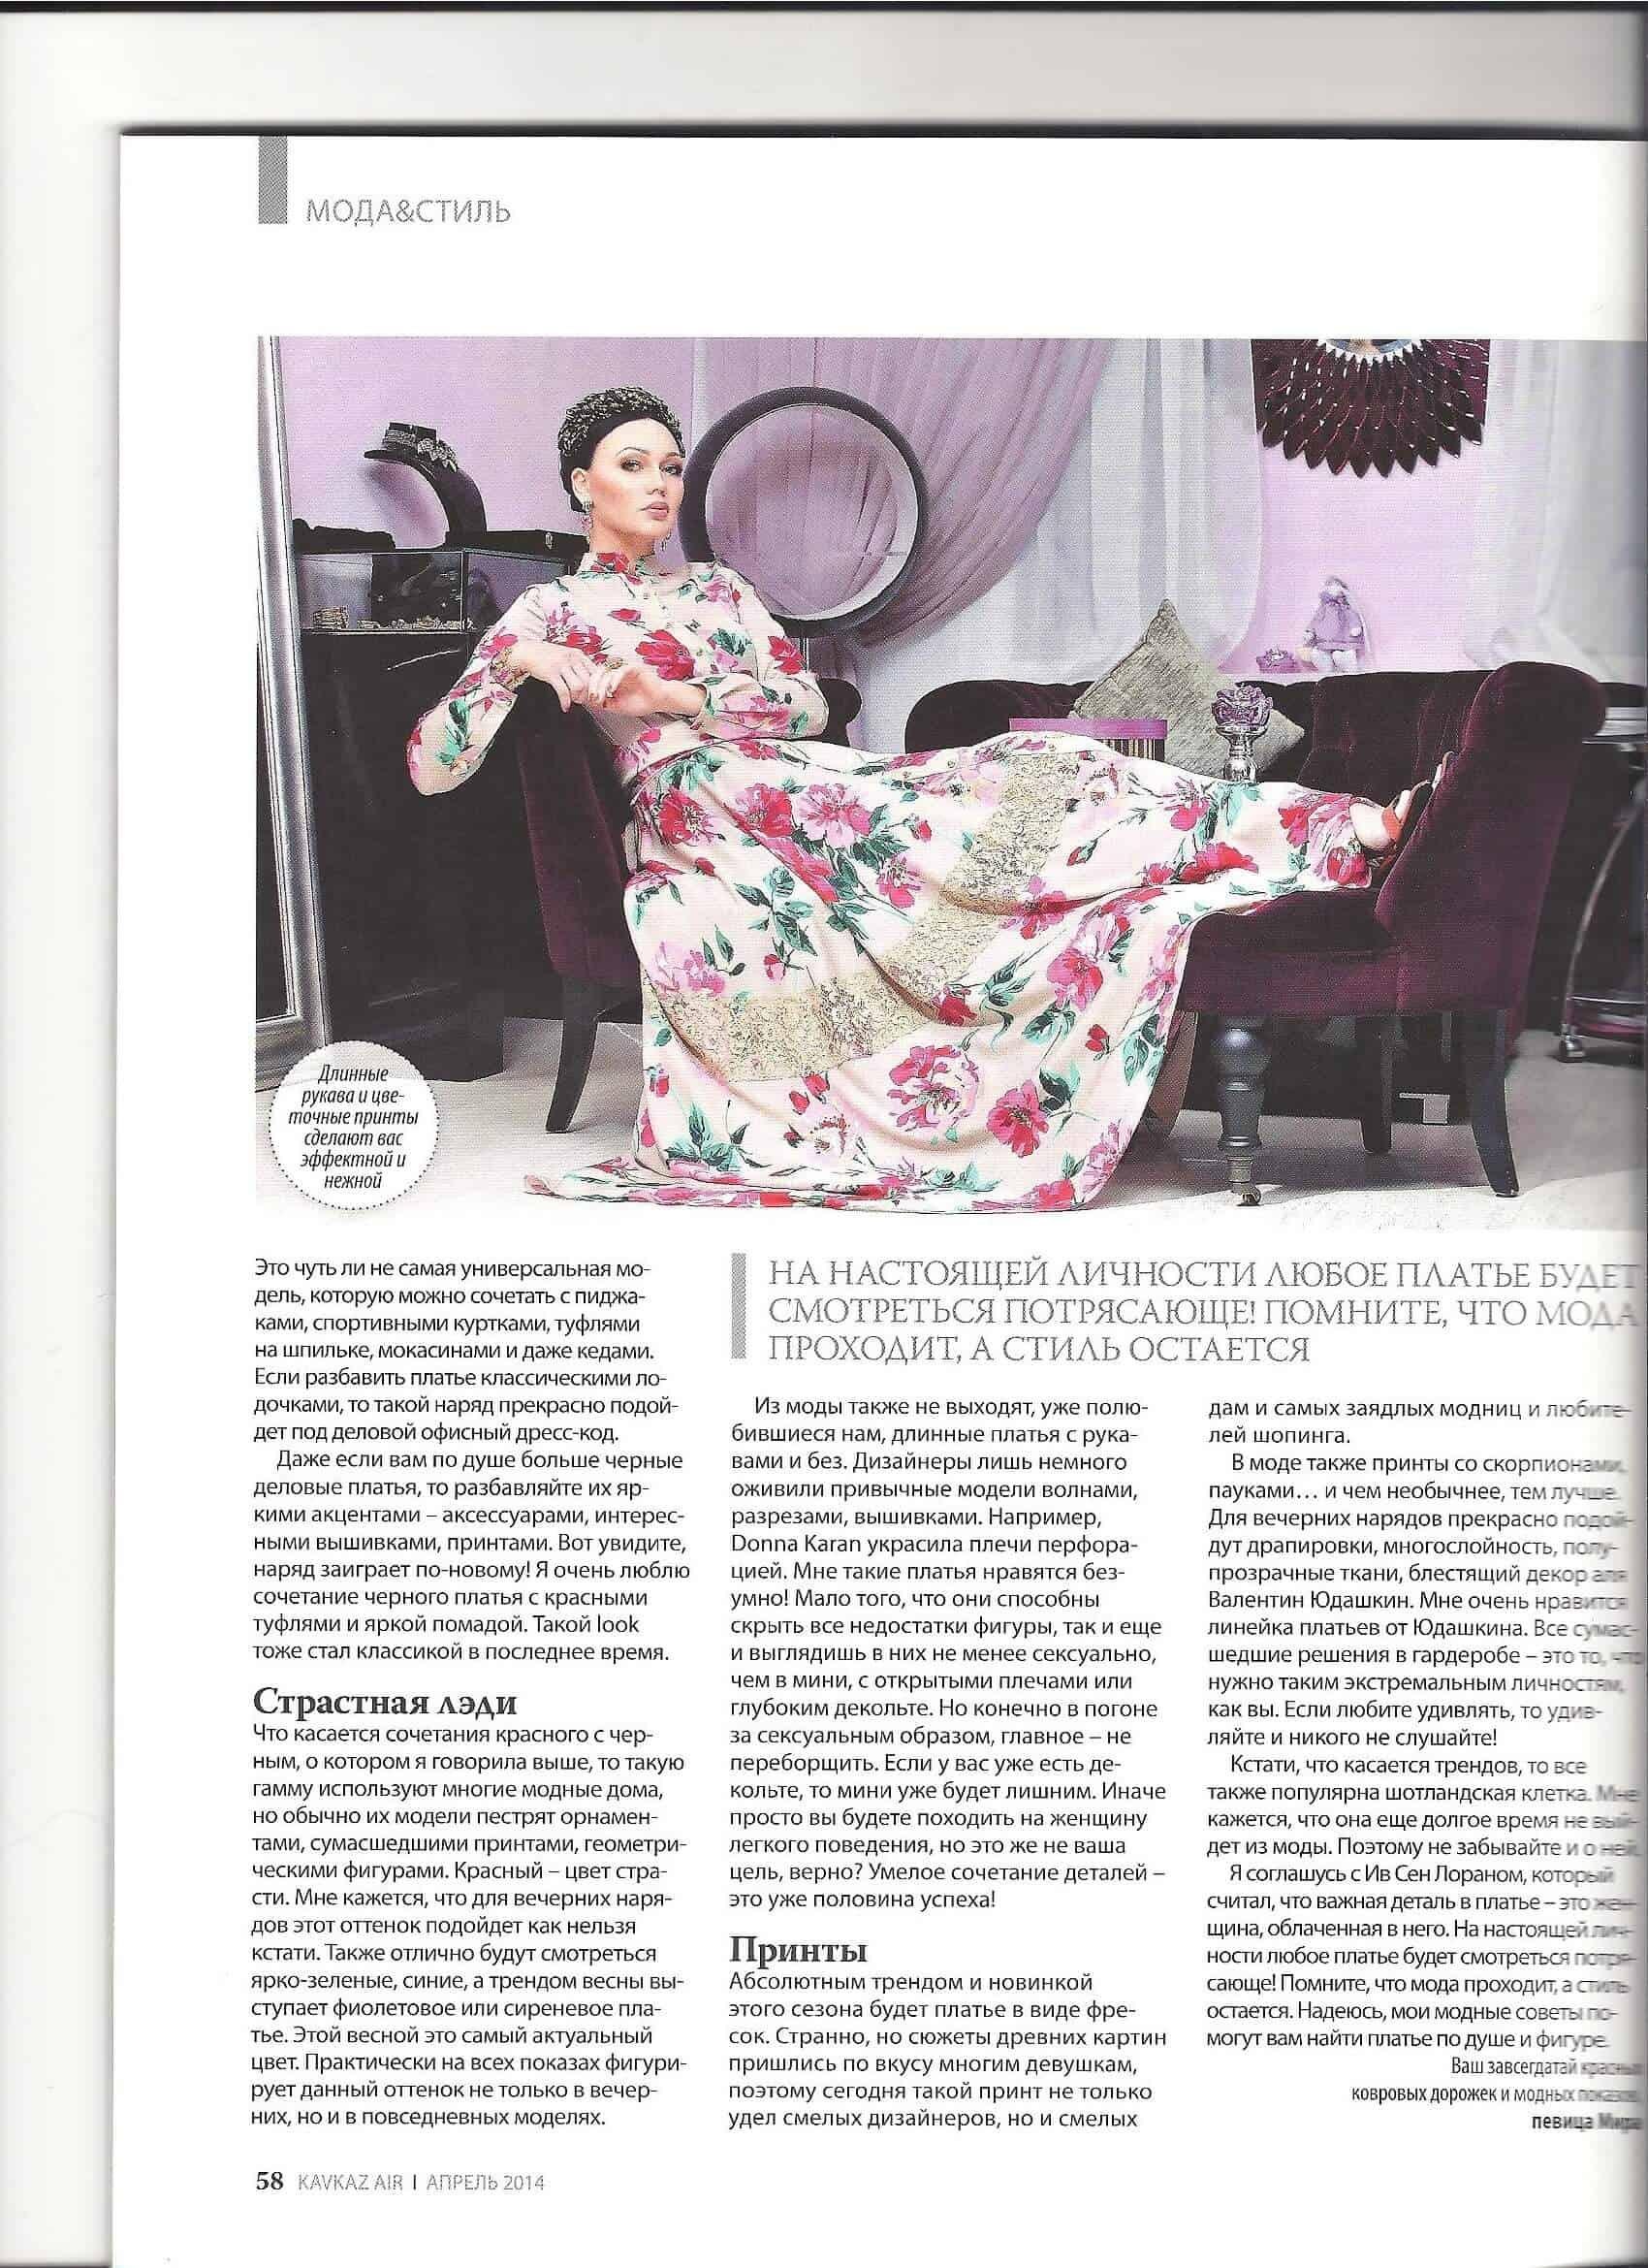 Мира приняла участия в новой фотосессии для модного журнала.